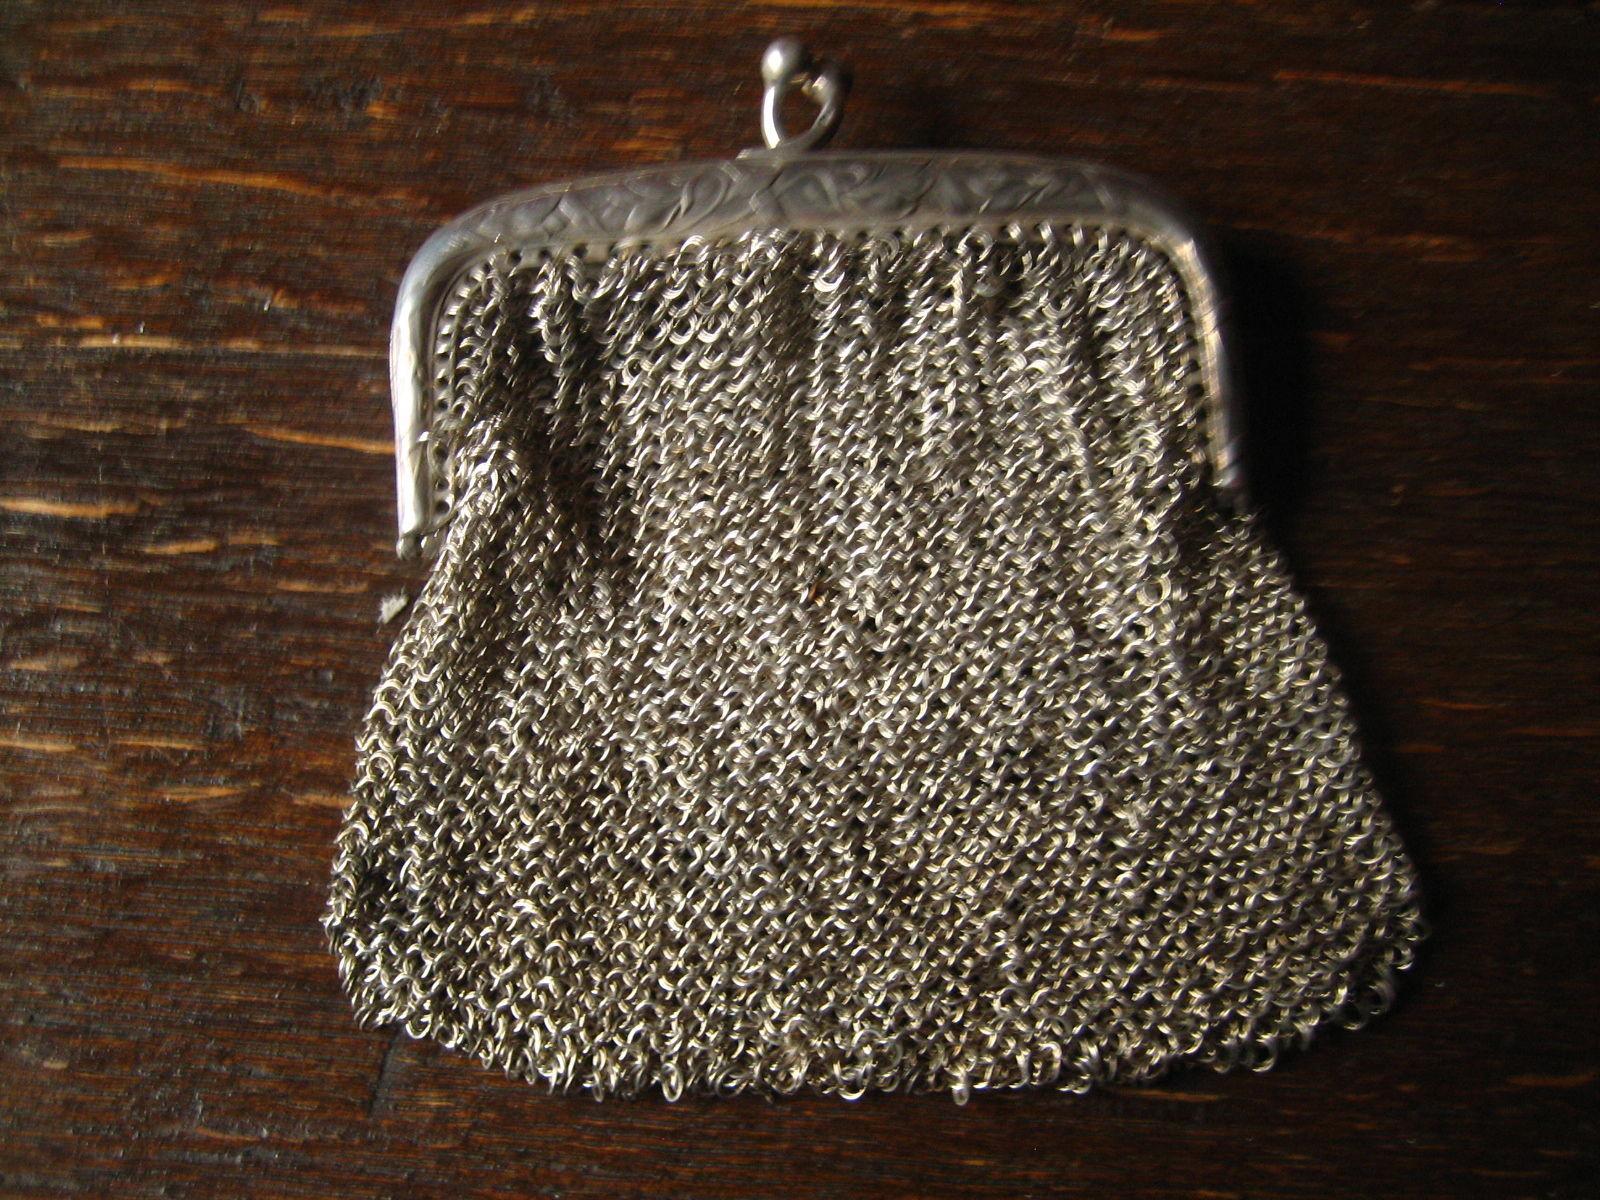 79cf0eb568c0 ... reizende Jugendstil Geldbörse Geldbeutel Kettentasche mit Innenfach  800er Silber 2 ...